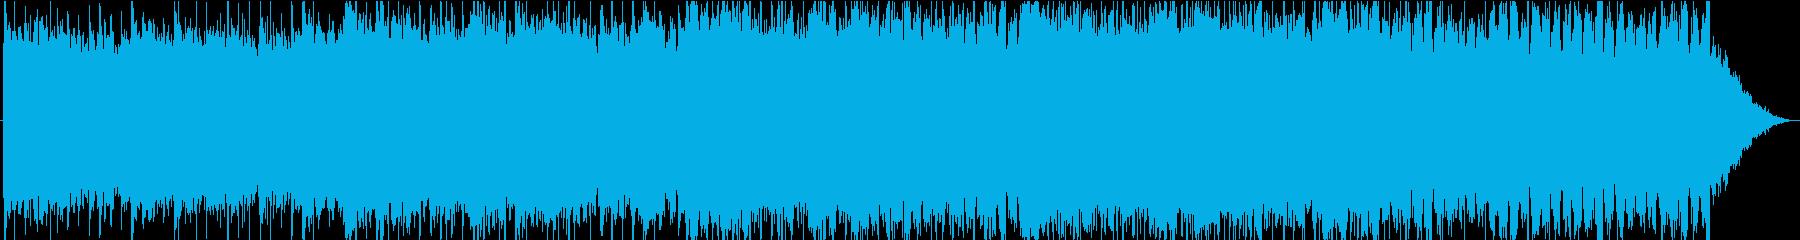 ポップ テクノ 実験的な アンビエ...の再生済みの波形